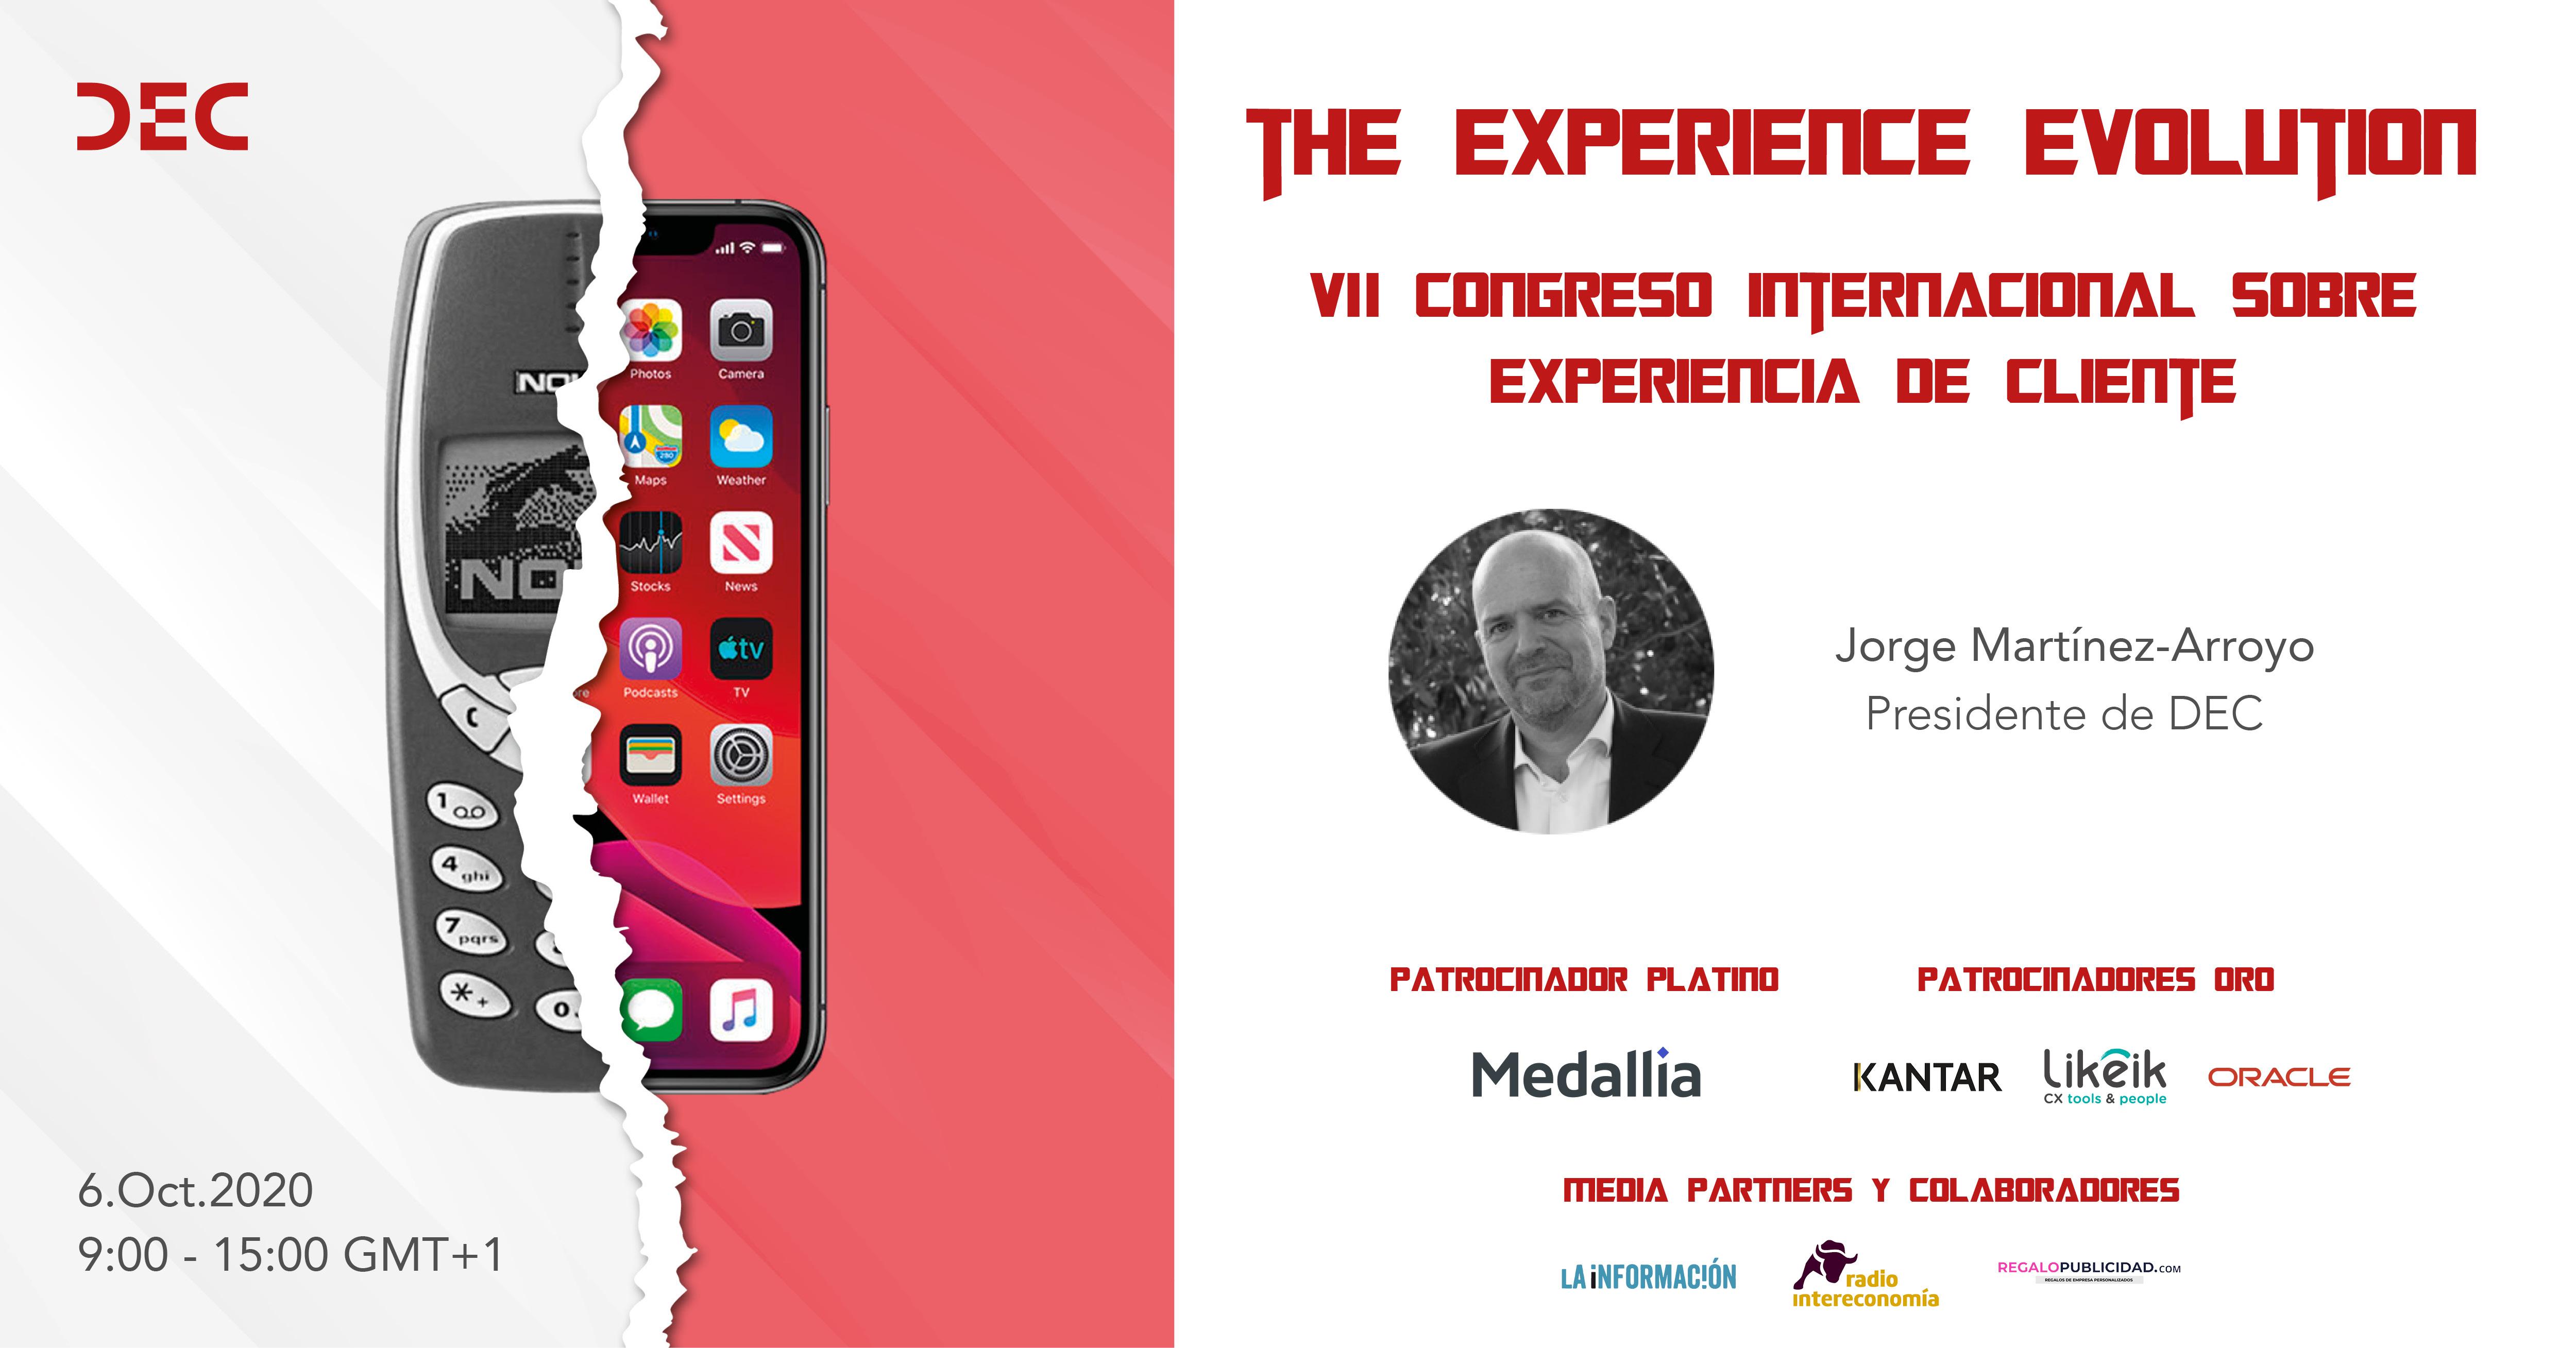 Jorge Martinez-Arroyo en el VII Congreso DEC - Presentacion